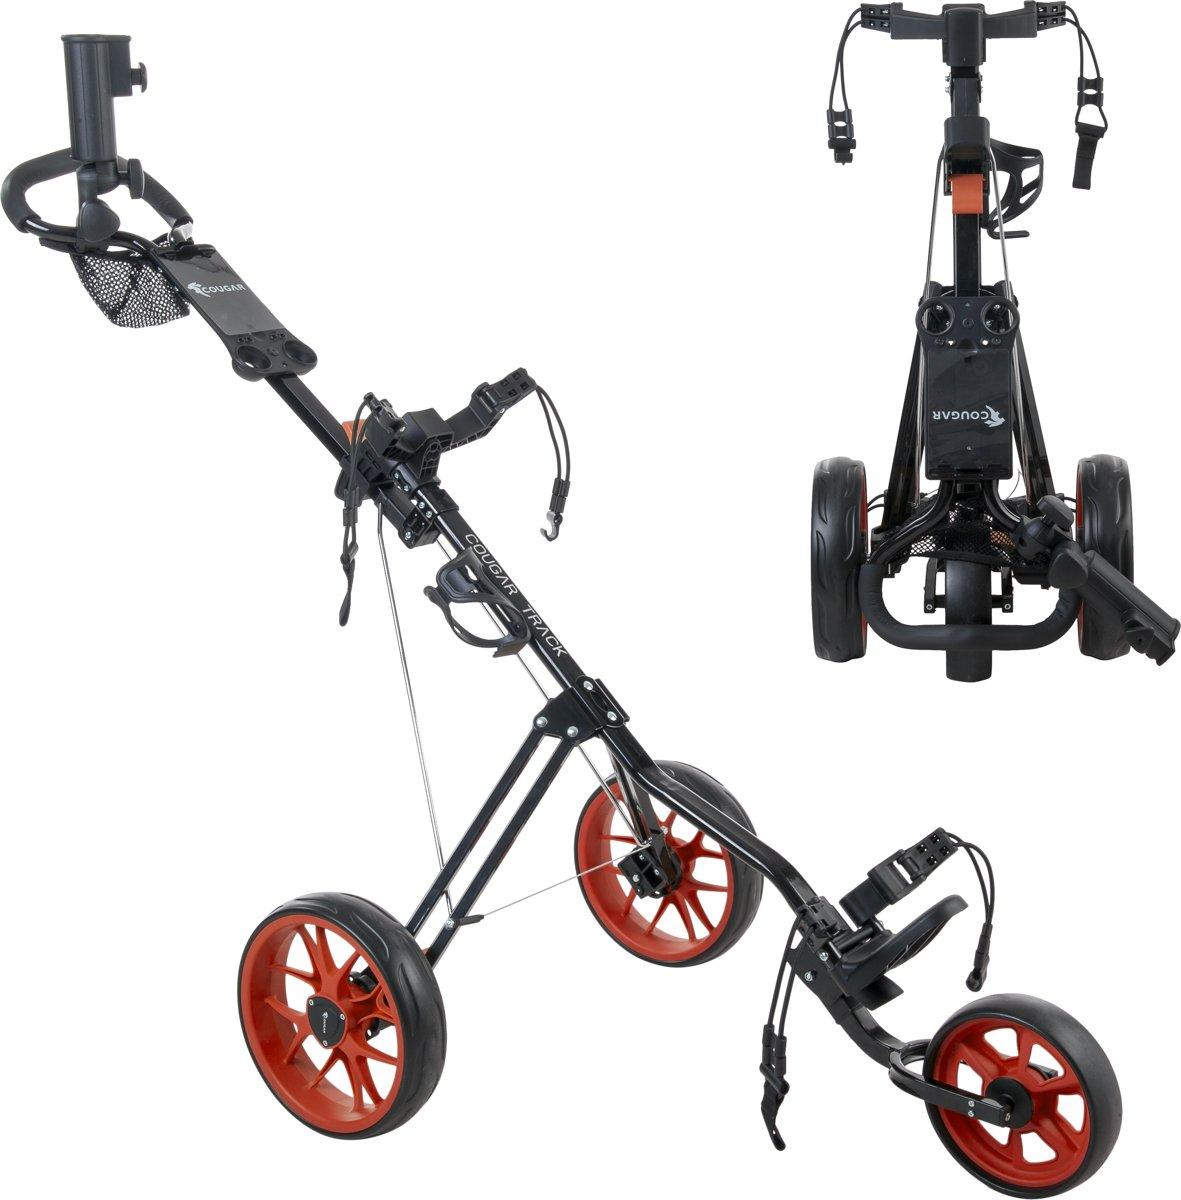 Cougar CO4206004 Golftrolley-Unisex-Maat--Zwart/Rood kopen